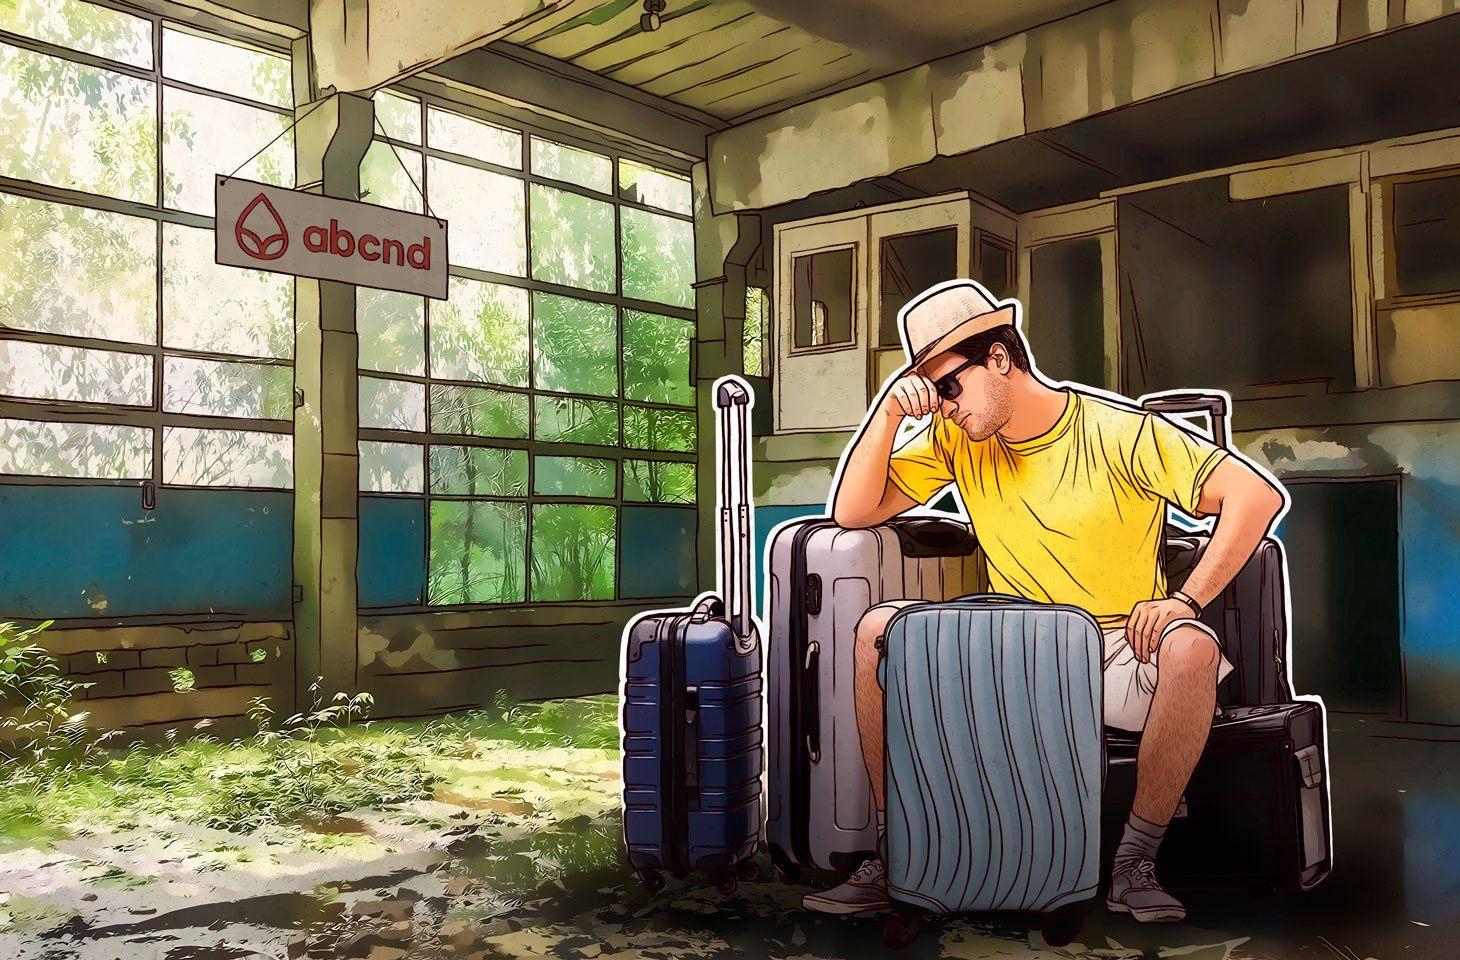 Les arnaques sur Airbnb sont de plus en plus automatiques et importantes grâce à un abonnement Land Lordz